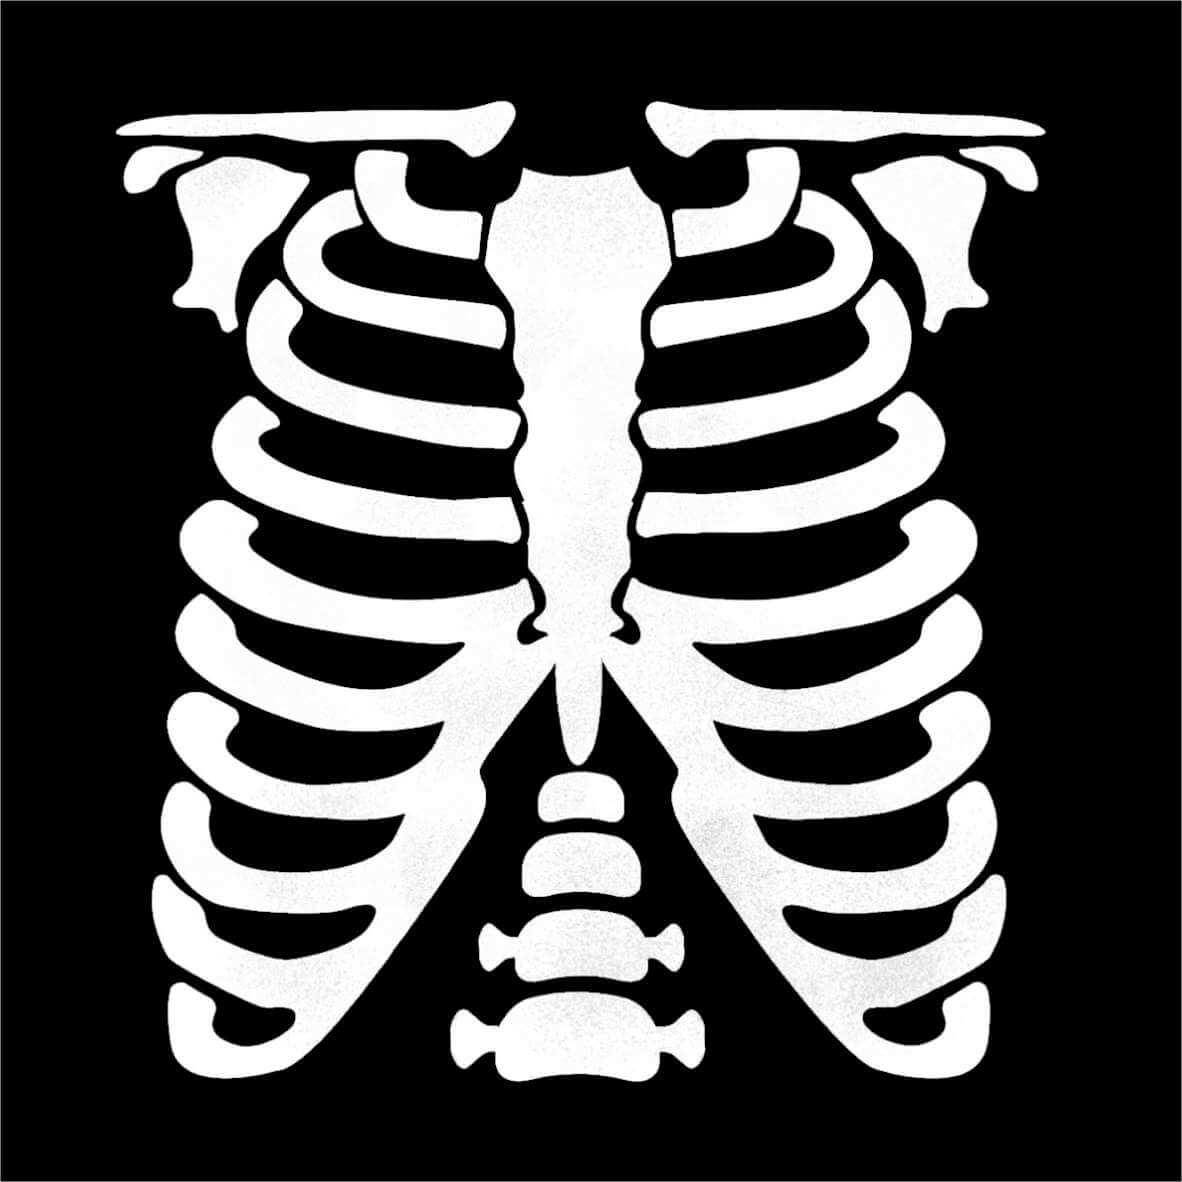 нас собраны картинка для кощея кости и скелет пересаженные органы